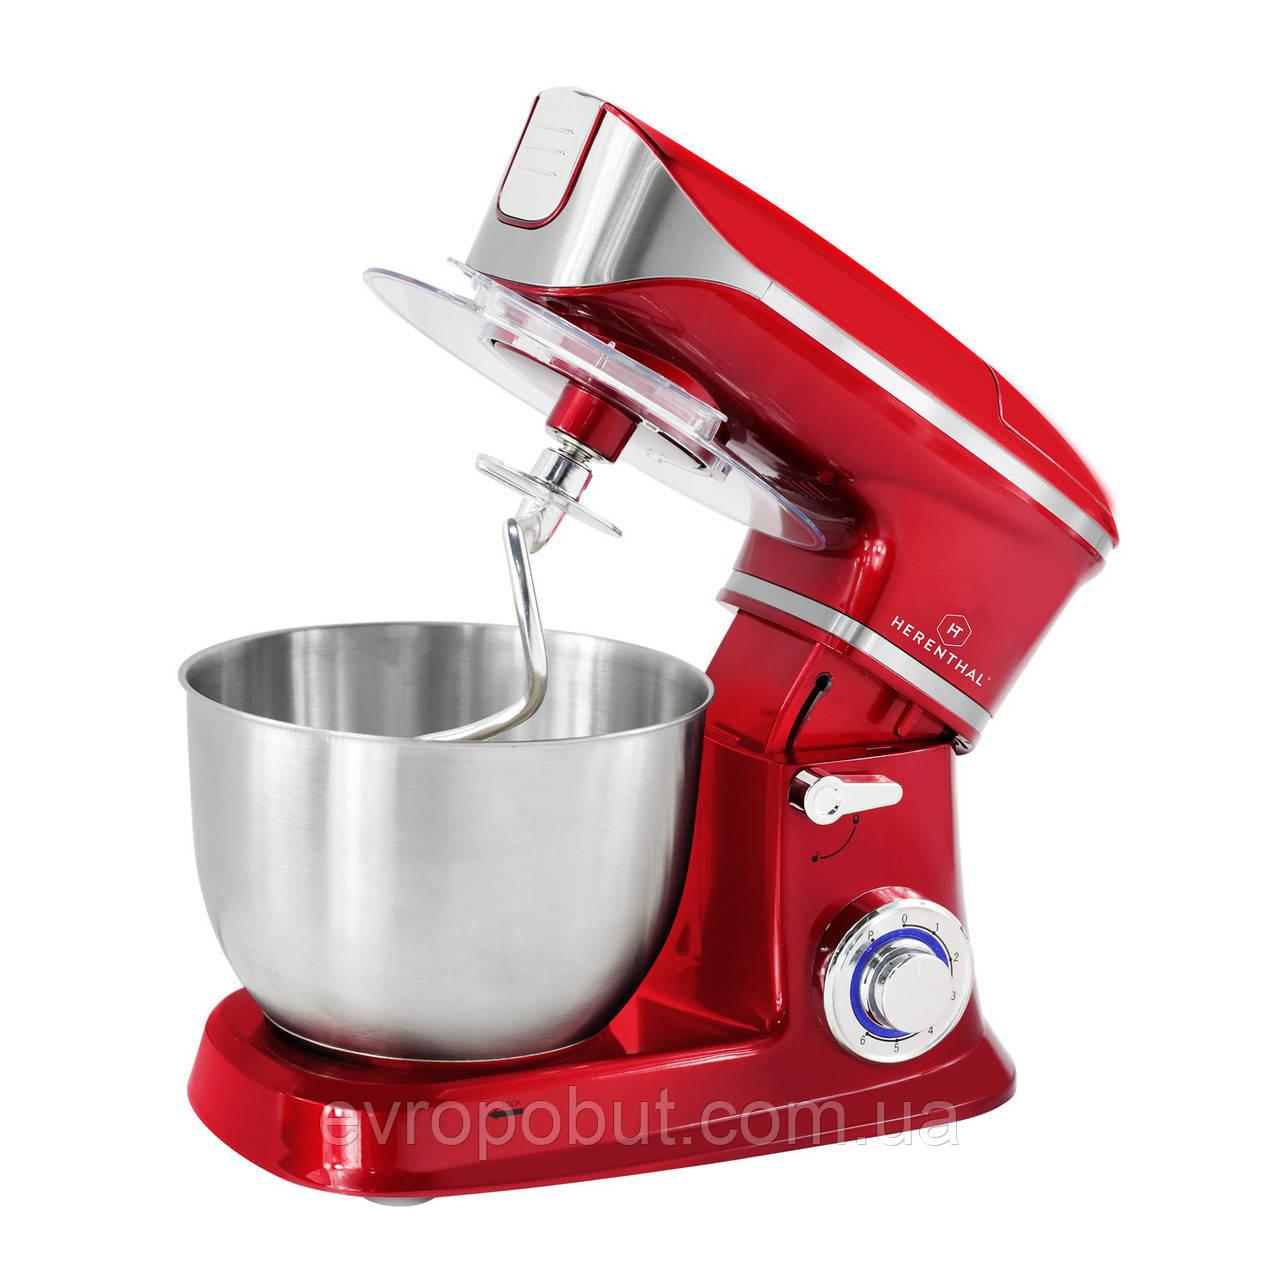 Кухонный комбайн тестомес Herenthal HT-PKM1900,7 RED